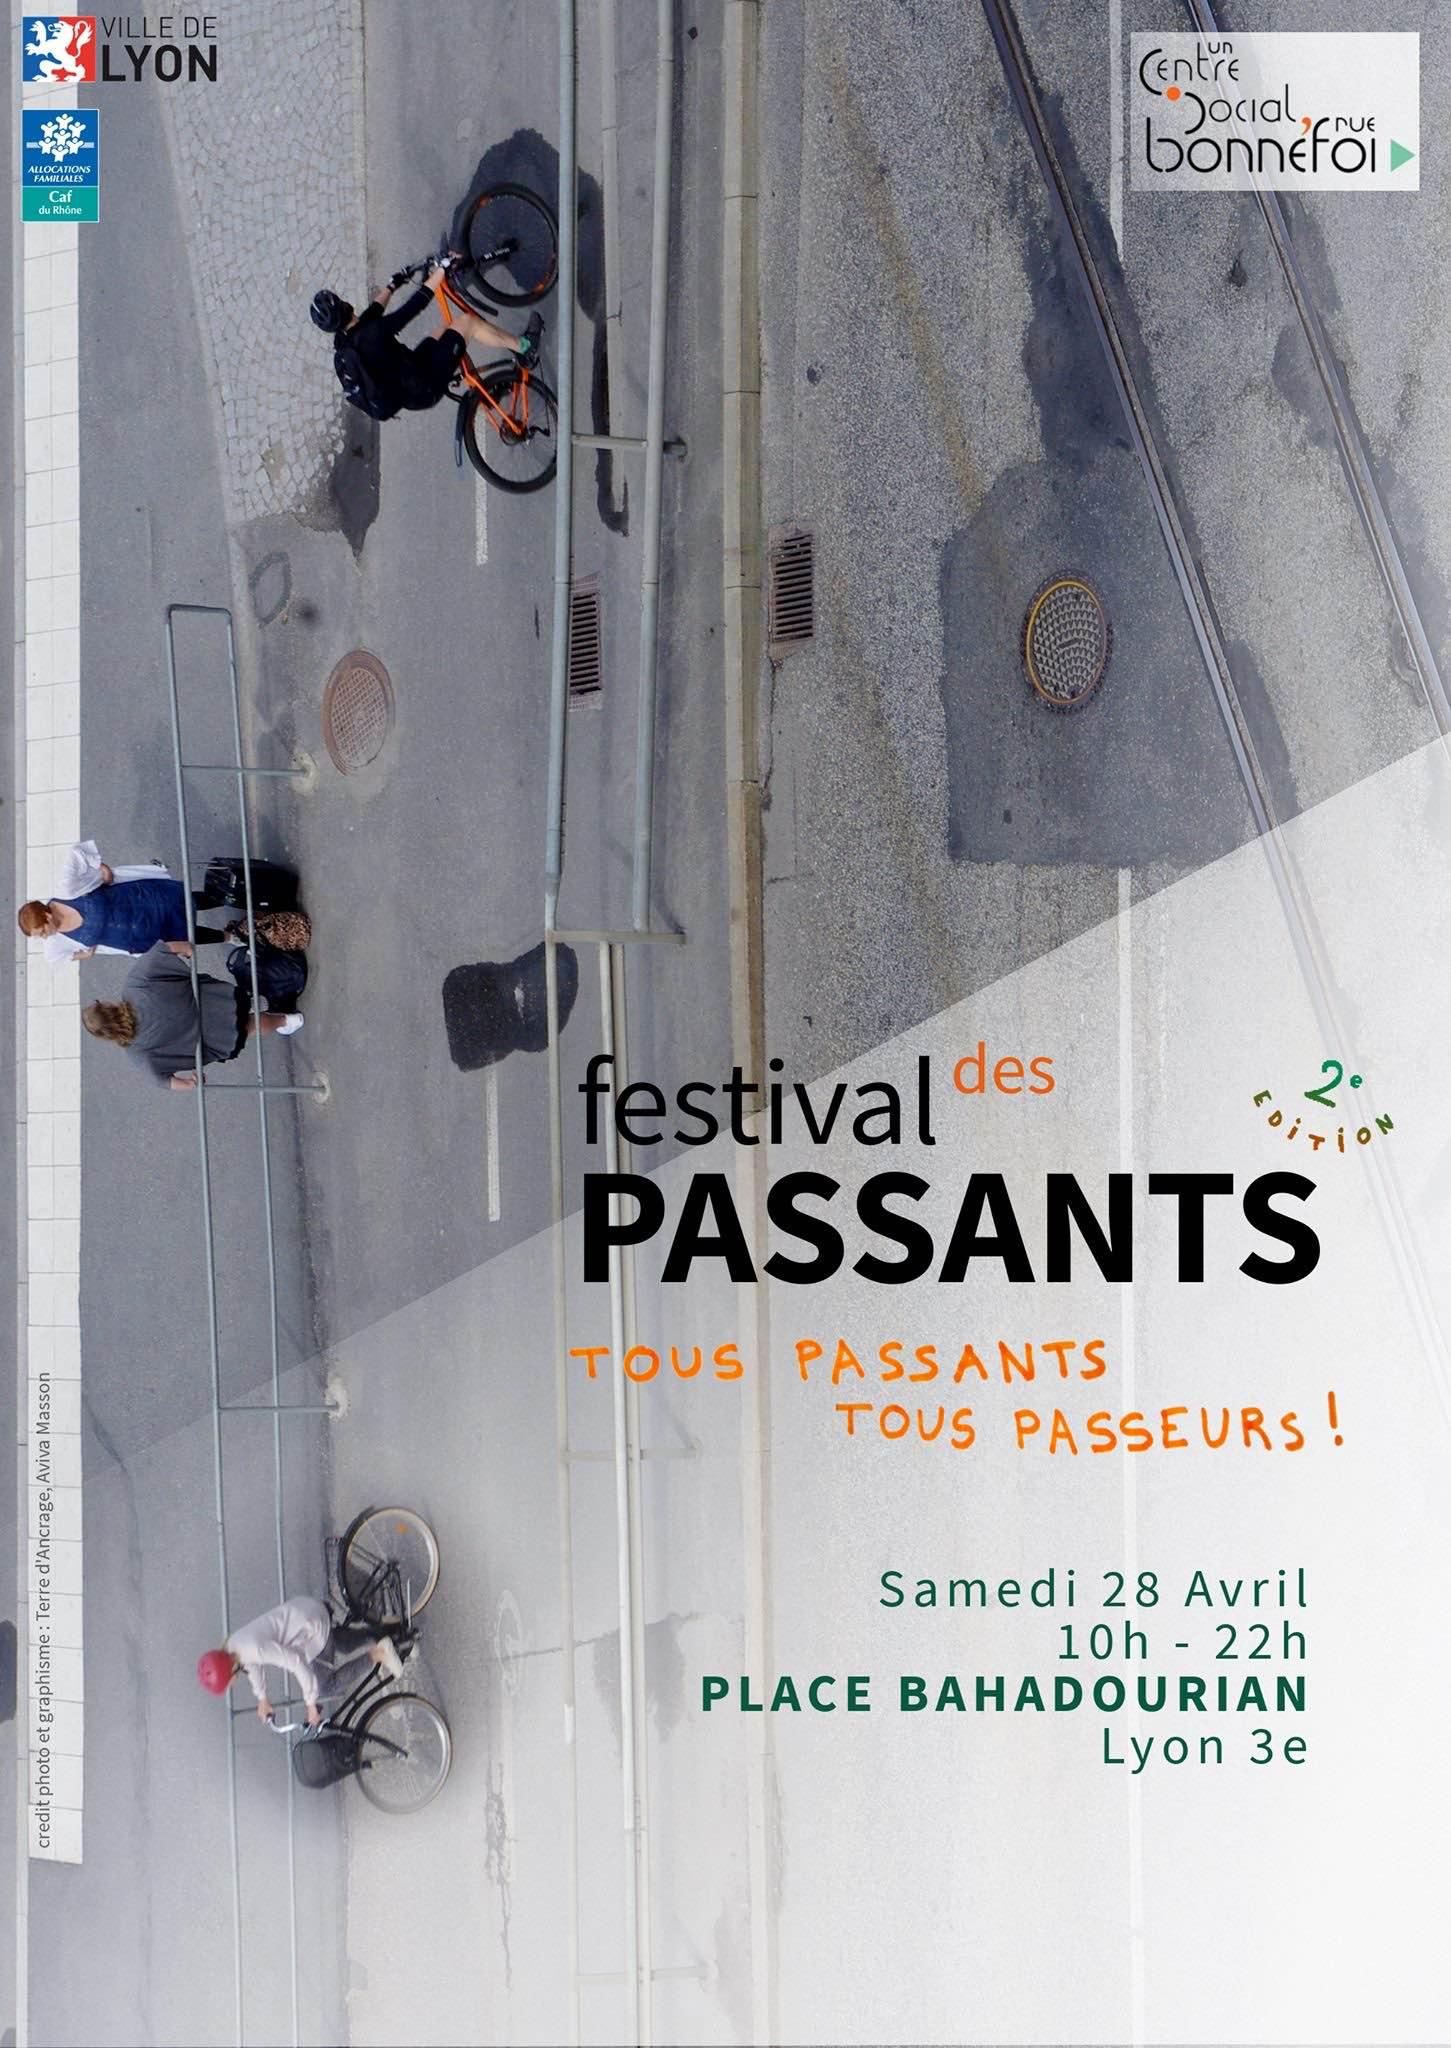 Festival des Passants